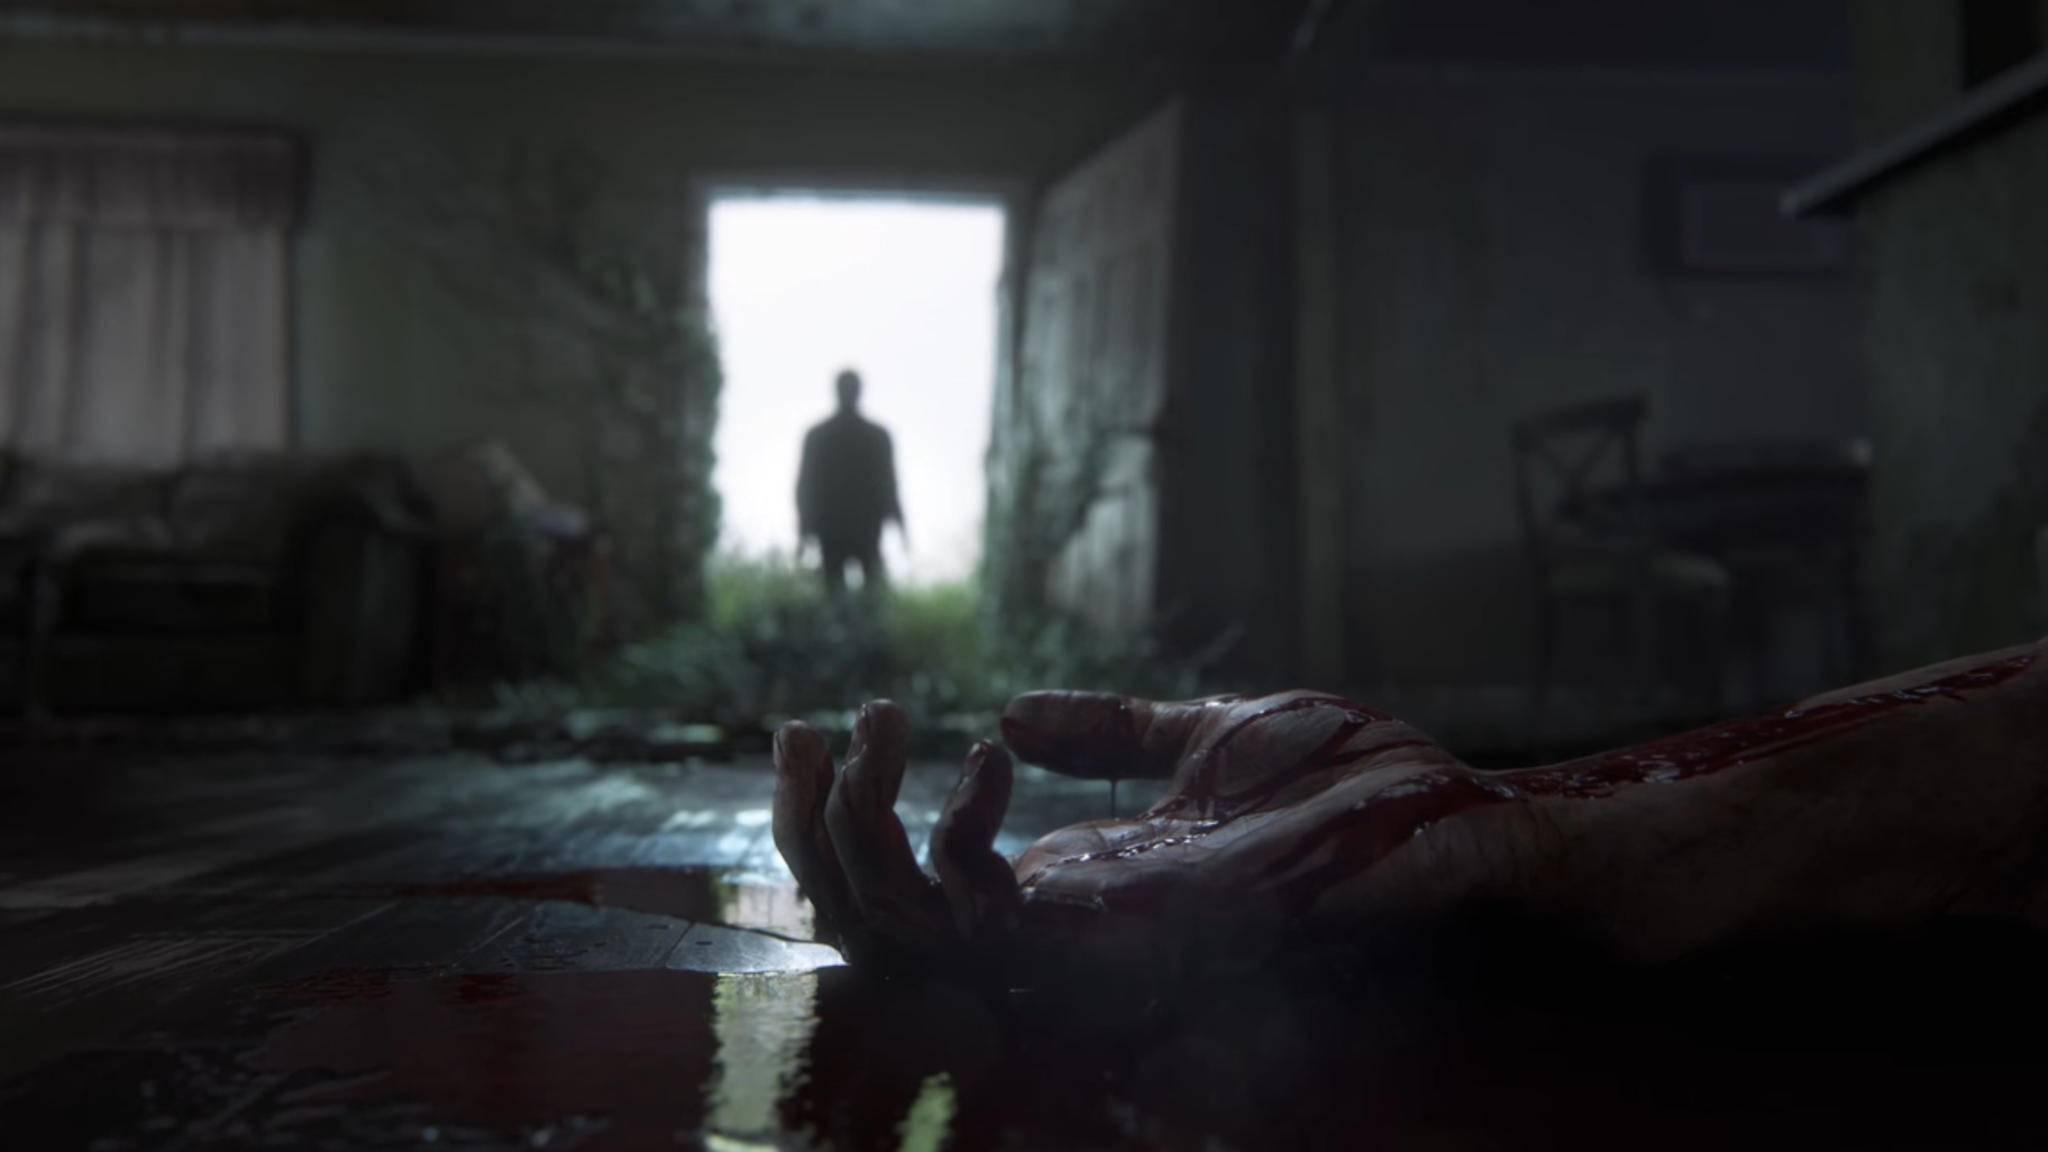 """""""The Last of Us Part 2"""": Naughty Dog macht unterschiedliche Angaben über die spielbaren Charaktere."""